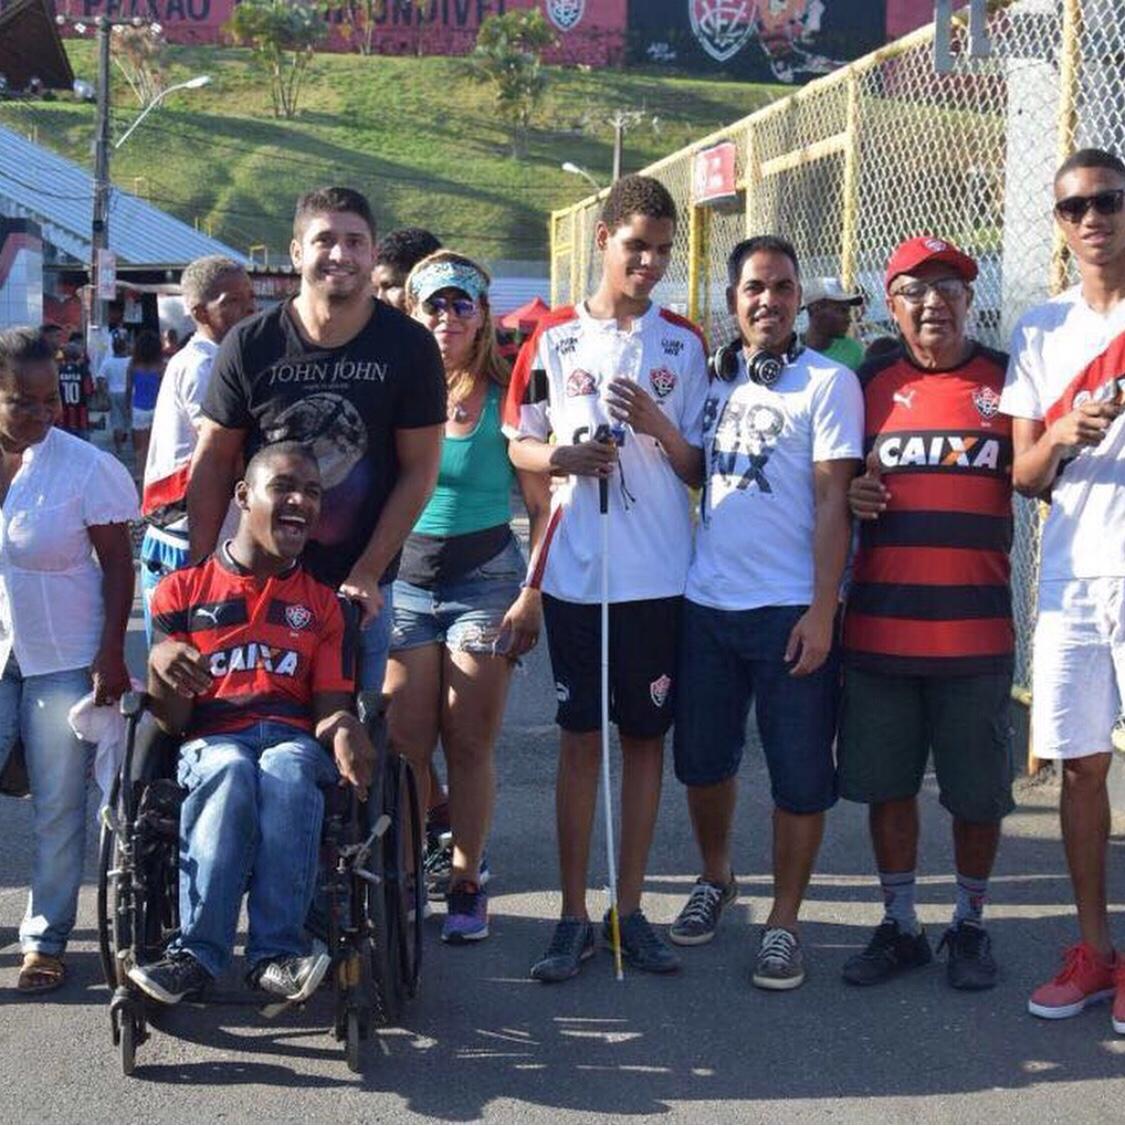 Projeto Manassés, Torcendo com o coração, leva alegria aos deficientes visuais